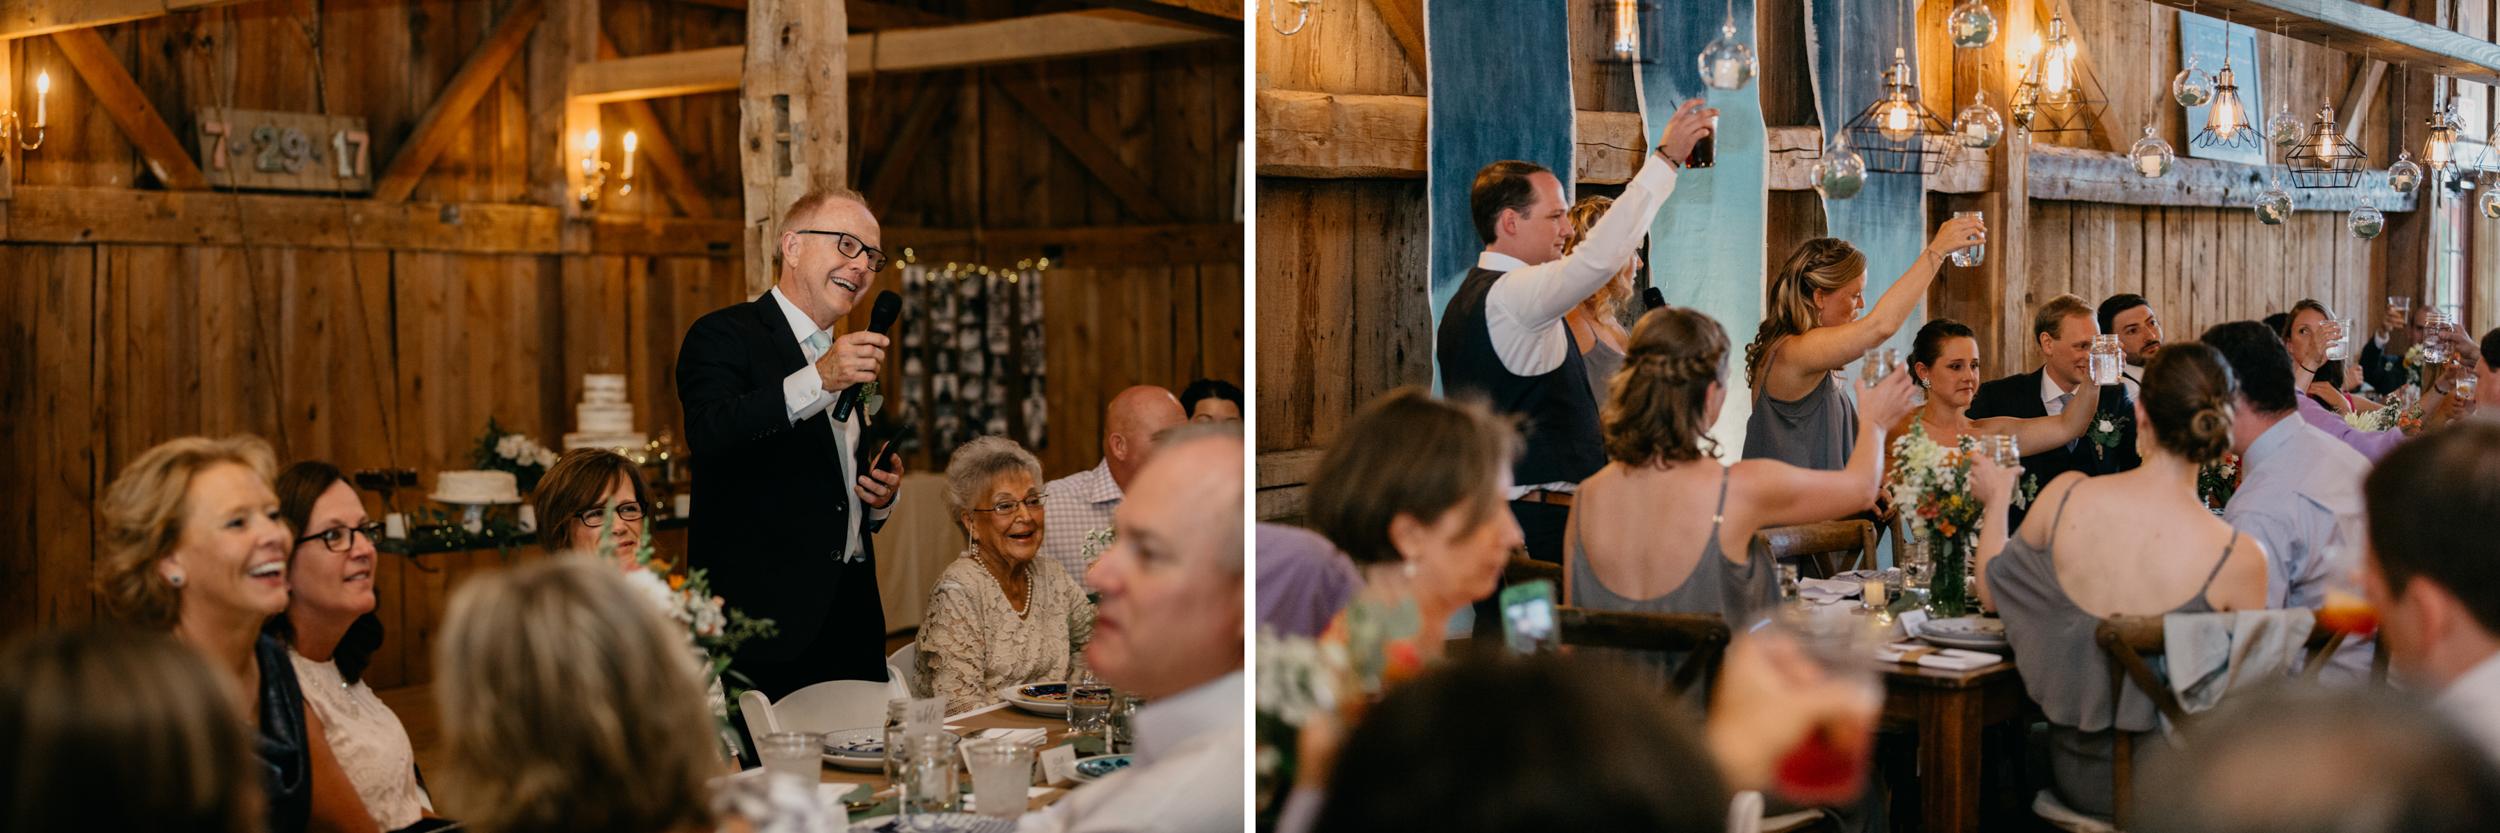 Jessie_Erik_Pownal_Maine_Wedding_William_allen_farm_043.jpg